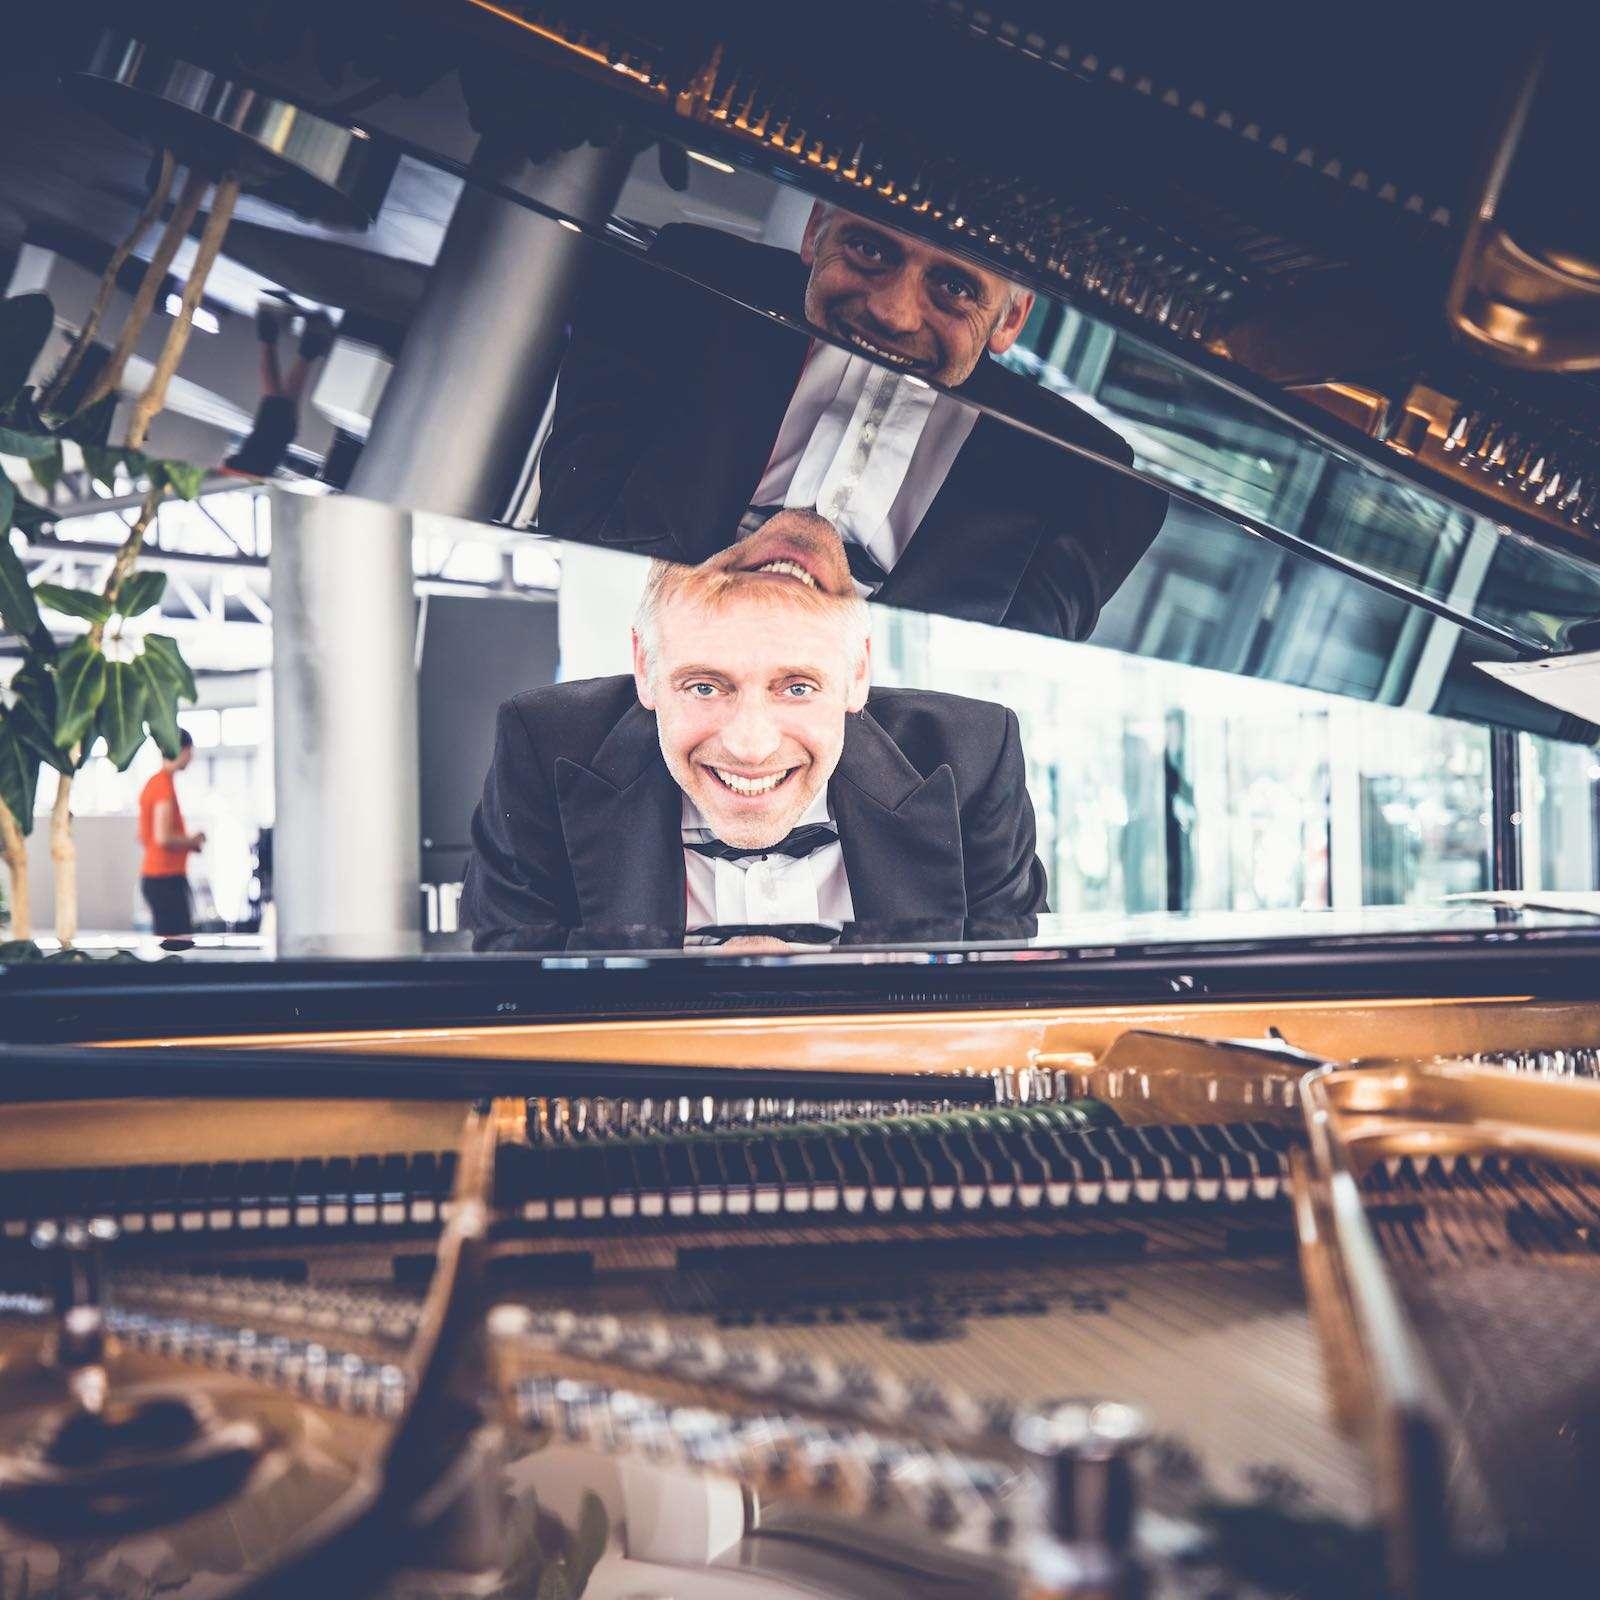 Pianist | Klavierspieler | Hannover | Flügel | Piano | Livemusik | Standesamt | Trauung | Jazz | Swing | Lounge | Empfang | Pop | Hochzeit | Messe | Firmenfeier | Charity | Gala | Buchen | Mieten | Anfragen